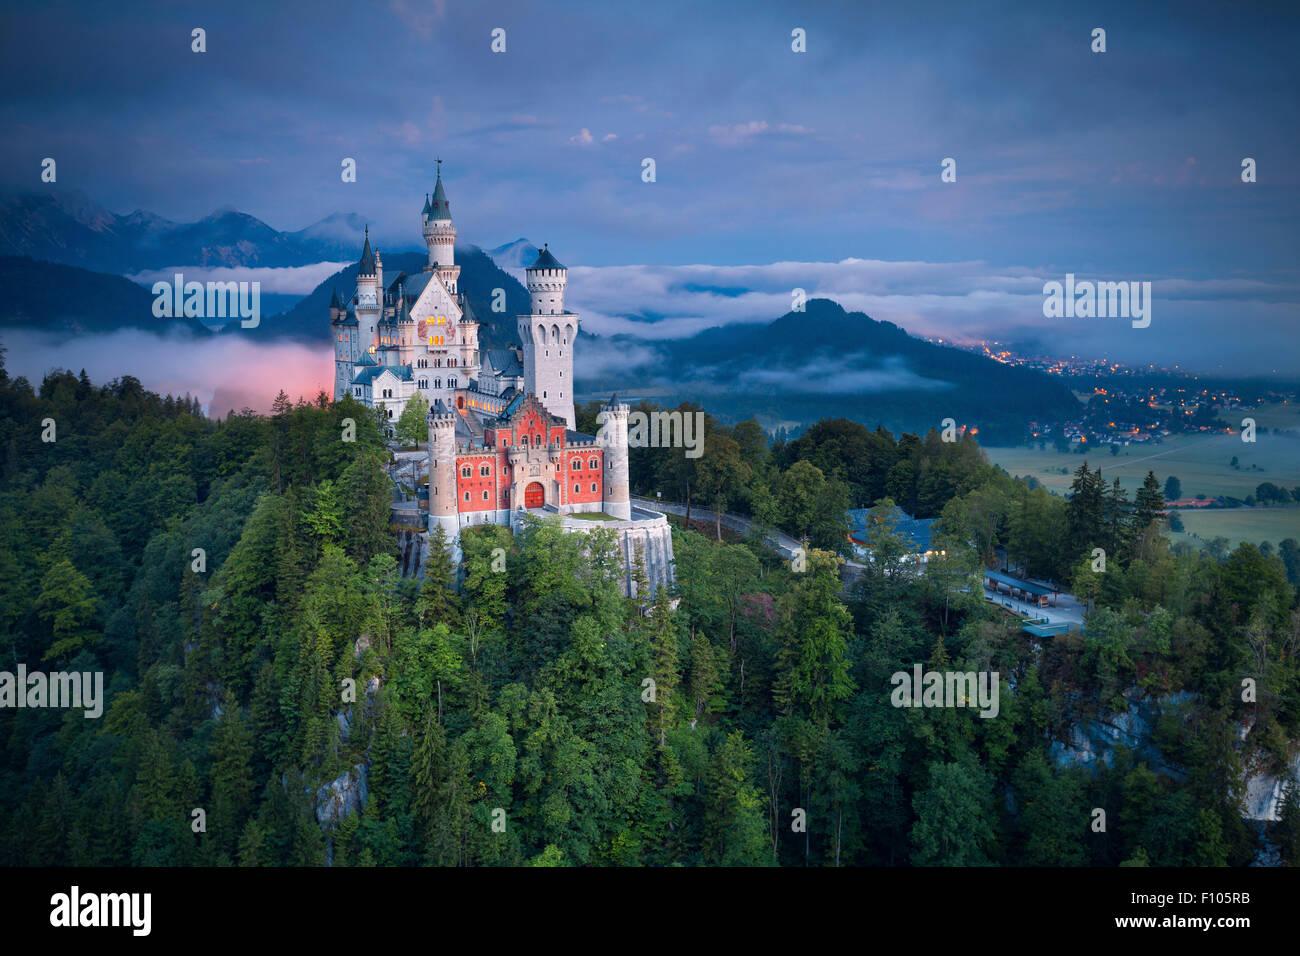 Schloss Neuschwanstein, Deutschland. Renaissance-Palast auf einem schroffen Hügel oberhalb Dorf Hohenschwangau Stockbild